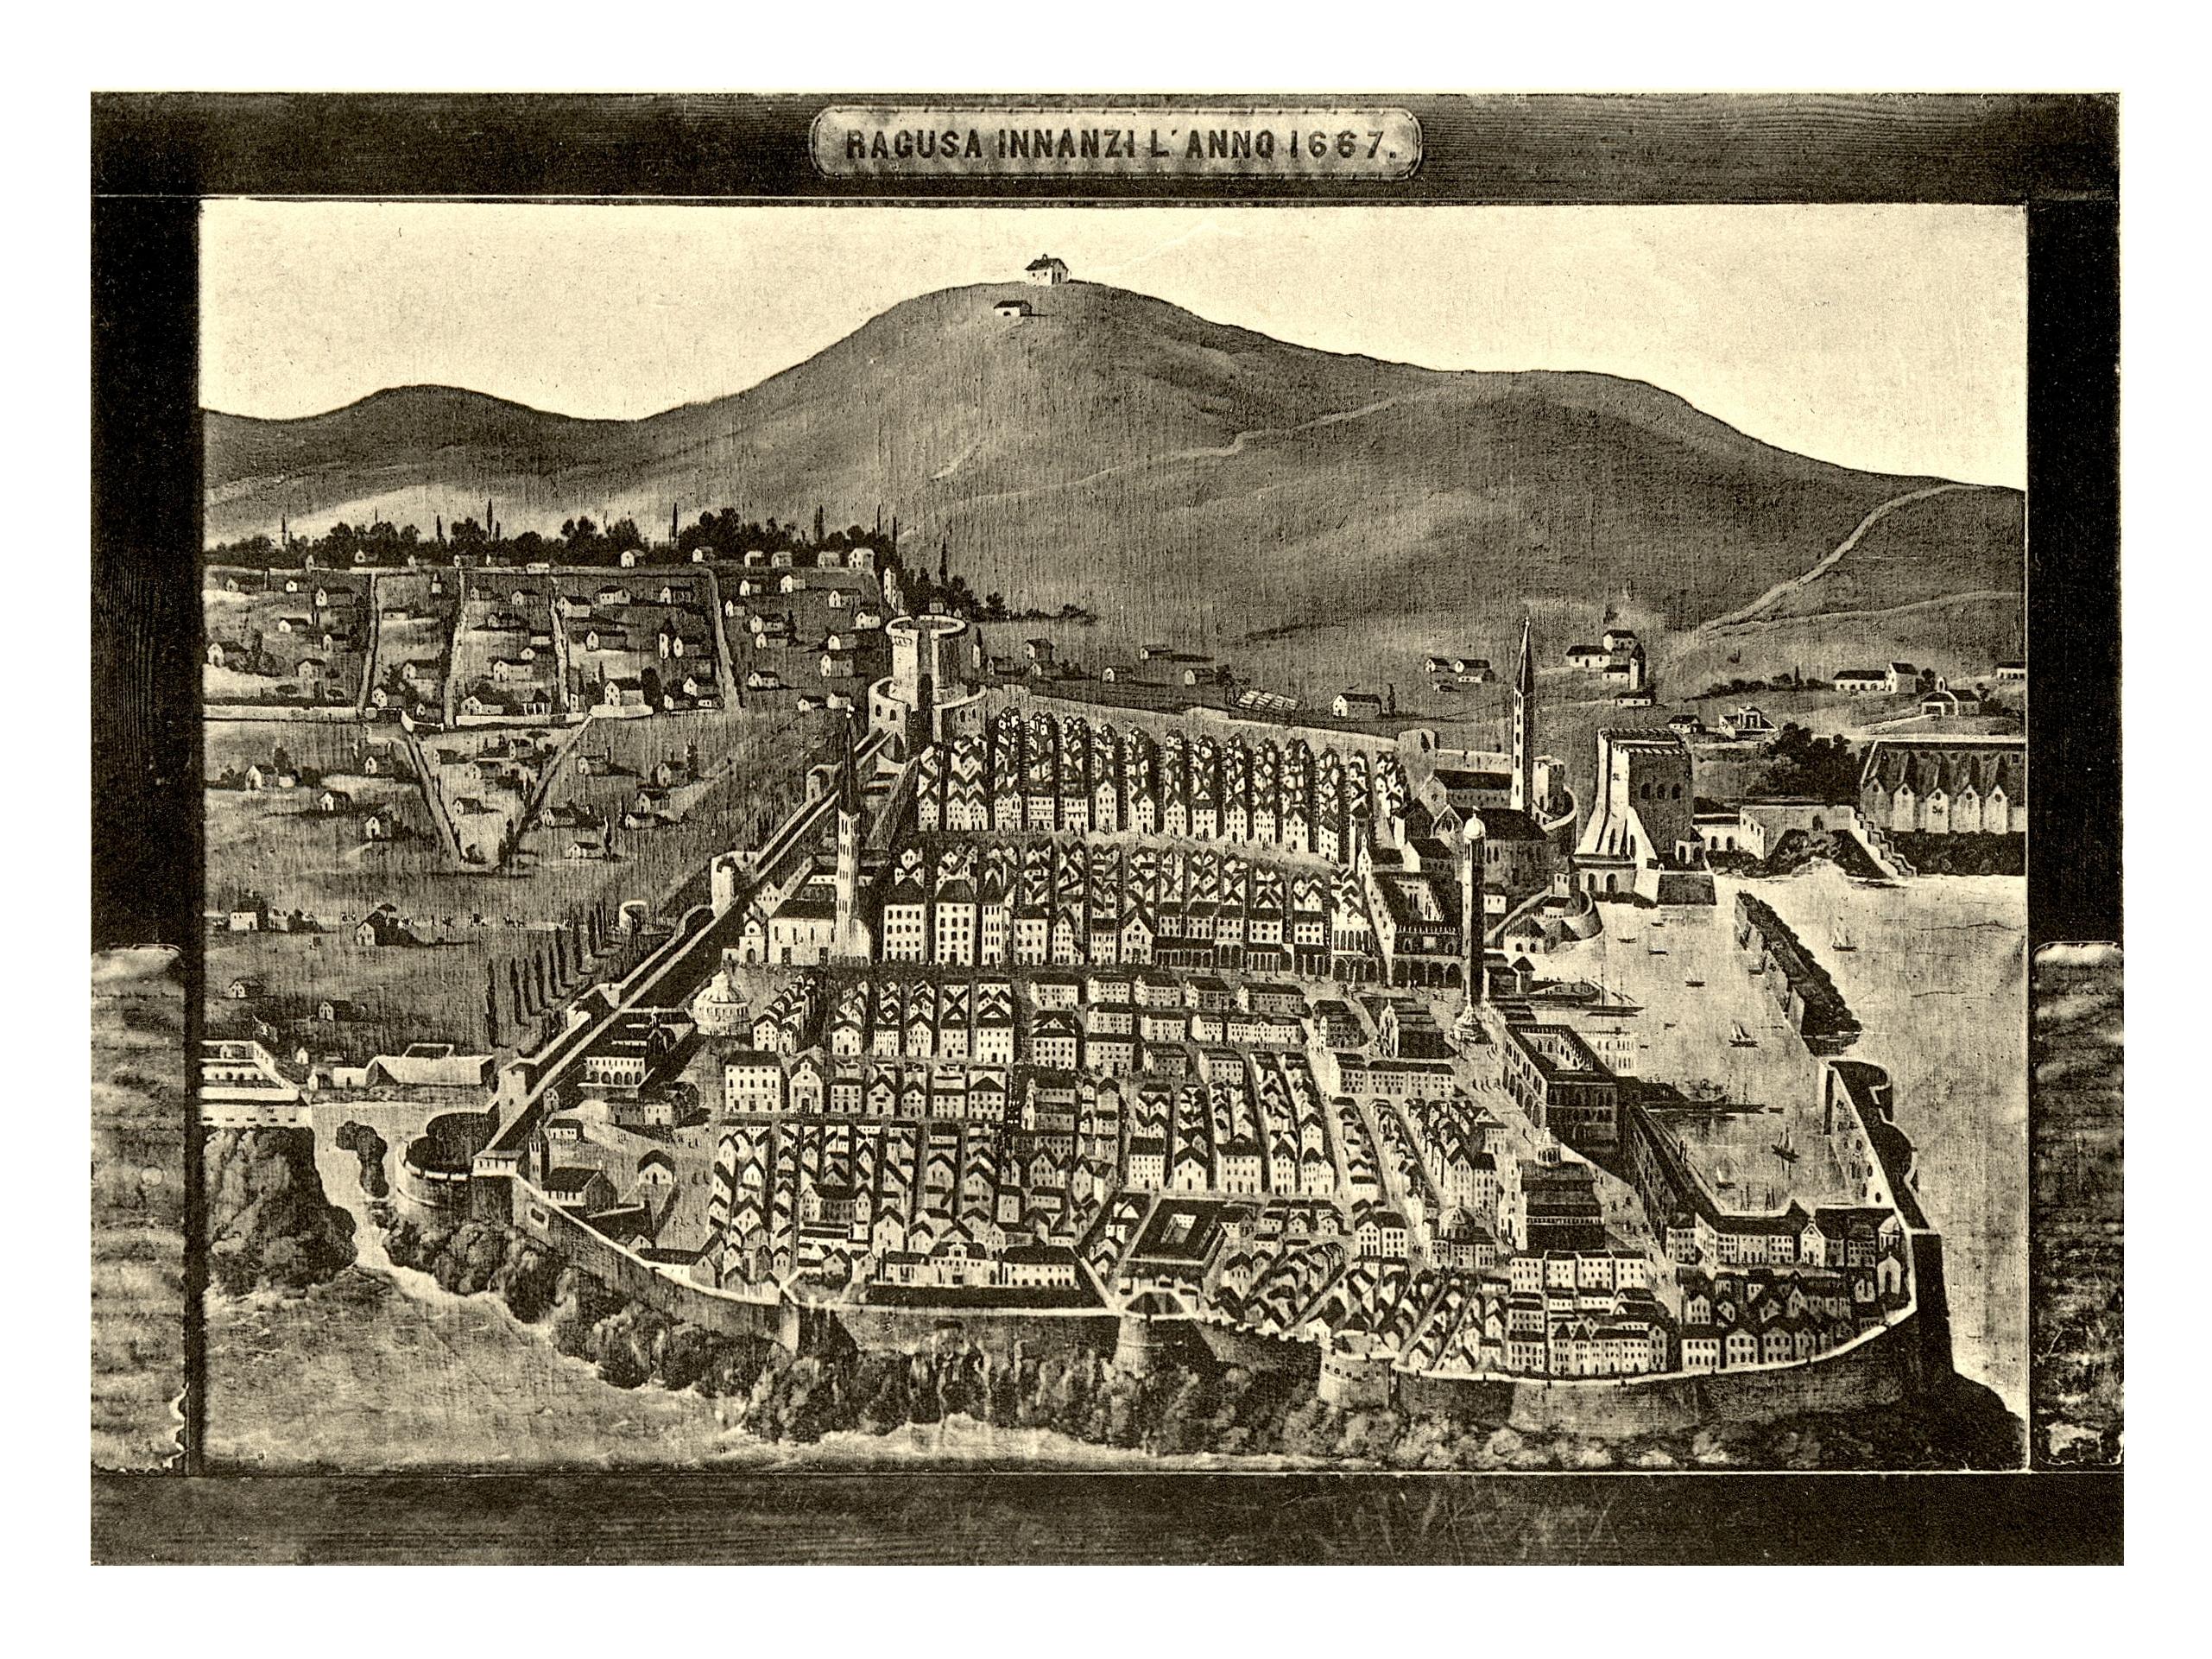 Ragusa prima del 1667